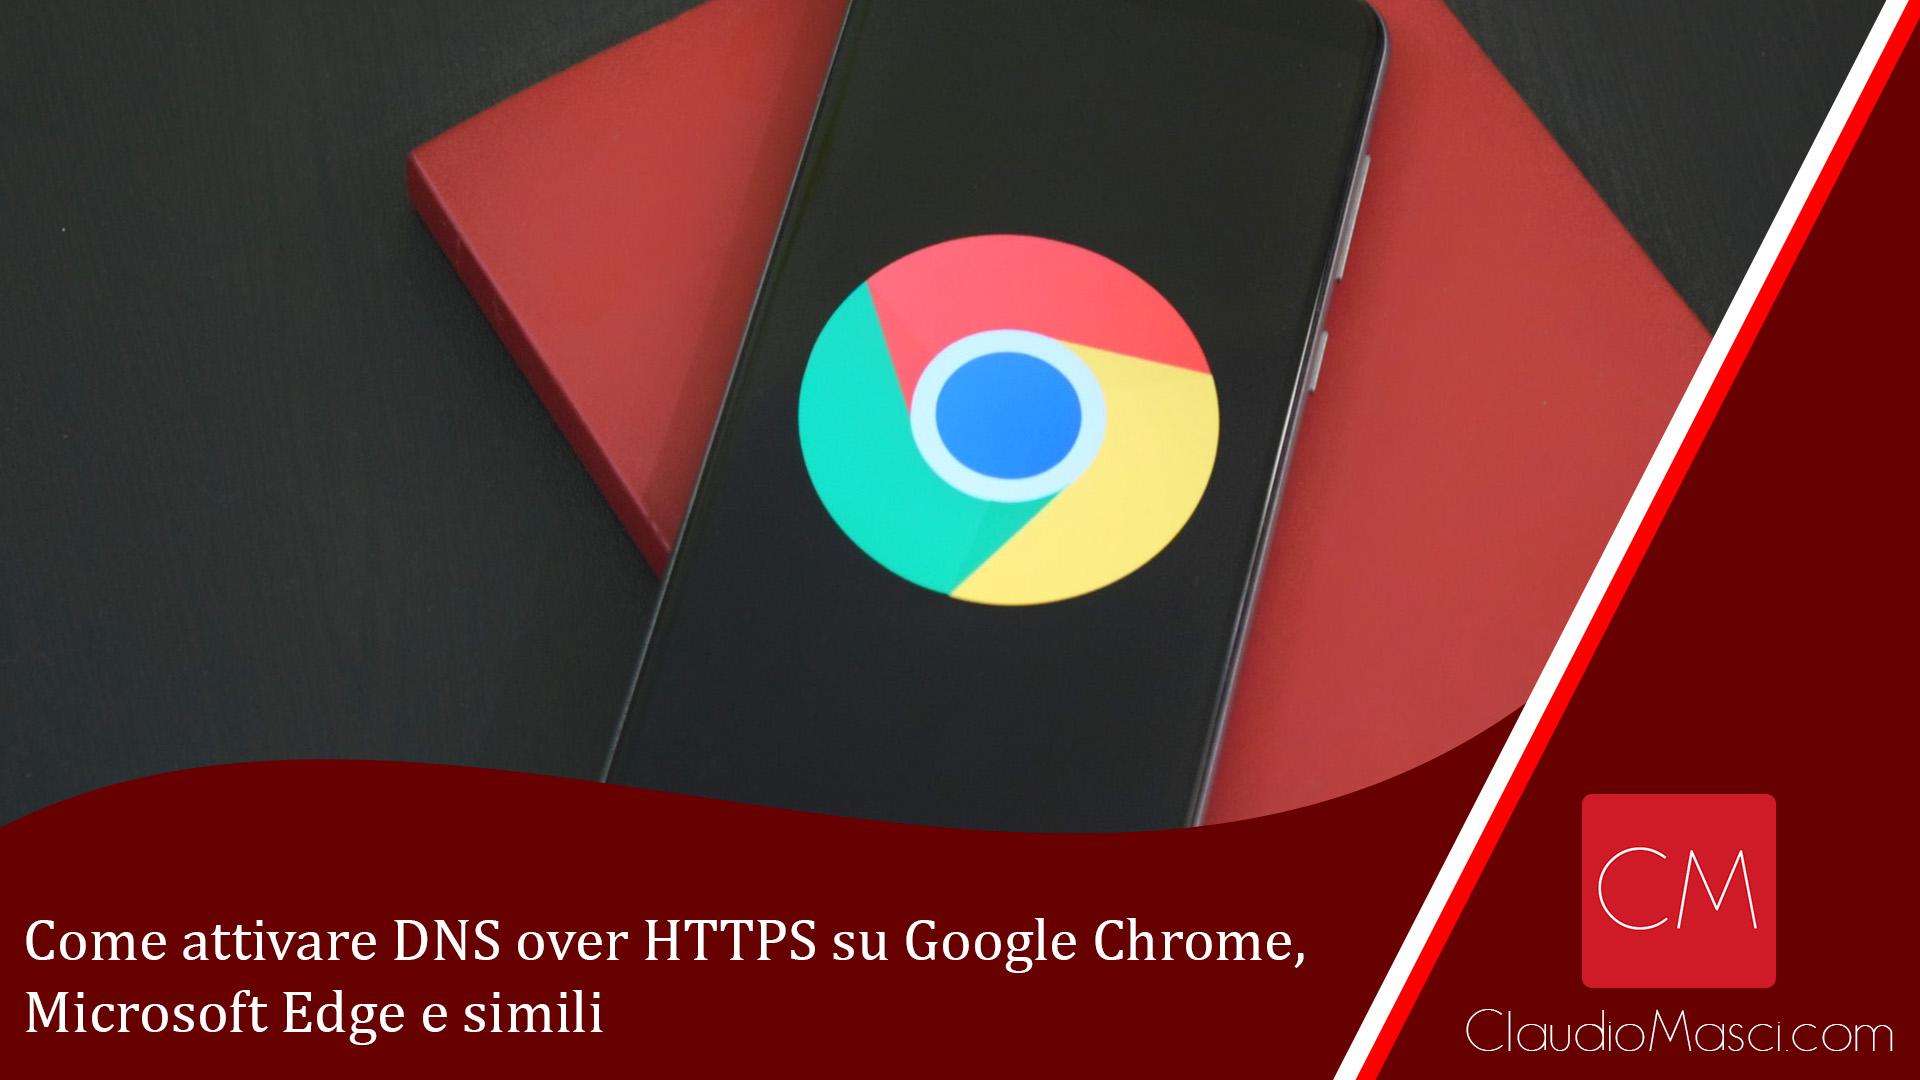 Come attivare DNS over HTTPS su Google Chrome, Microsoft Edge e simili